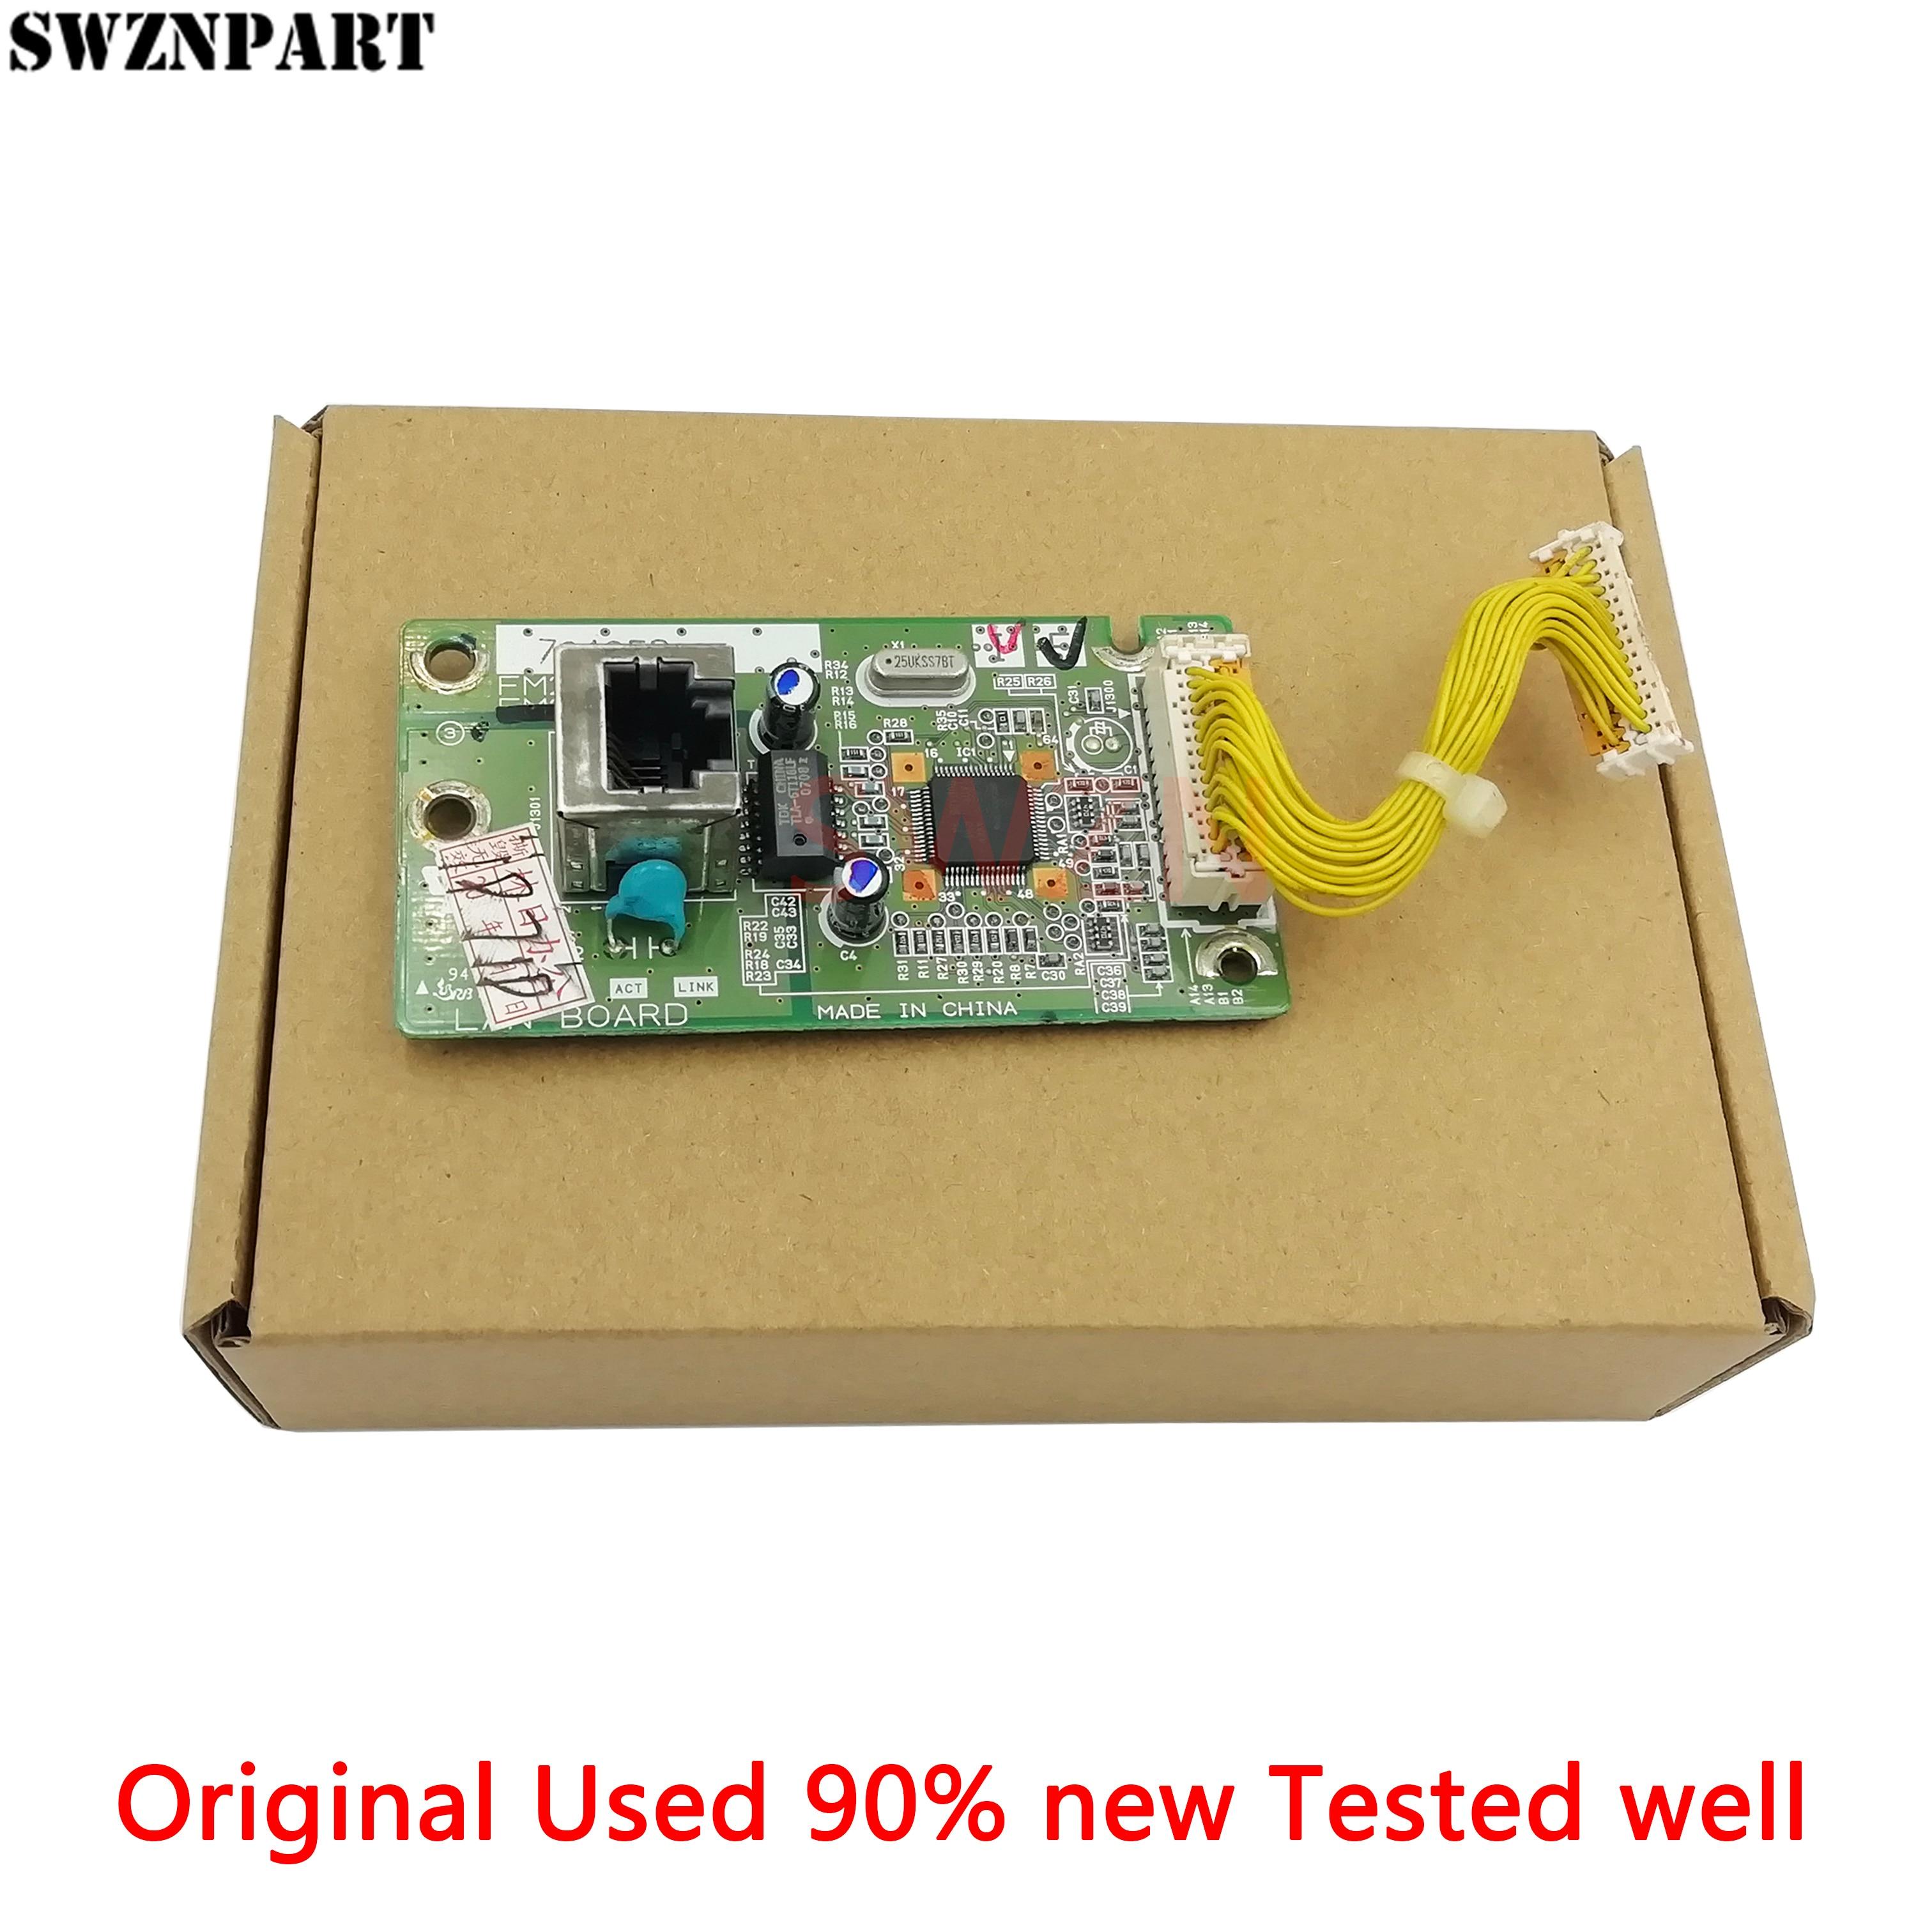 تستخدم بطاقة الشبكة شبكة مجلس لكانون imageCLASS MF7280 MF7460 MF7470 MF7480 MF 7280 7460 7470 7480 FM2-4058 FM2-4058-000